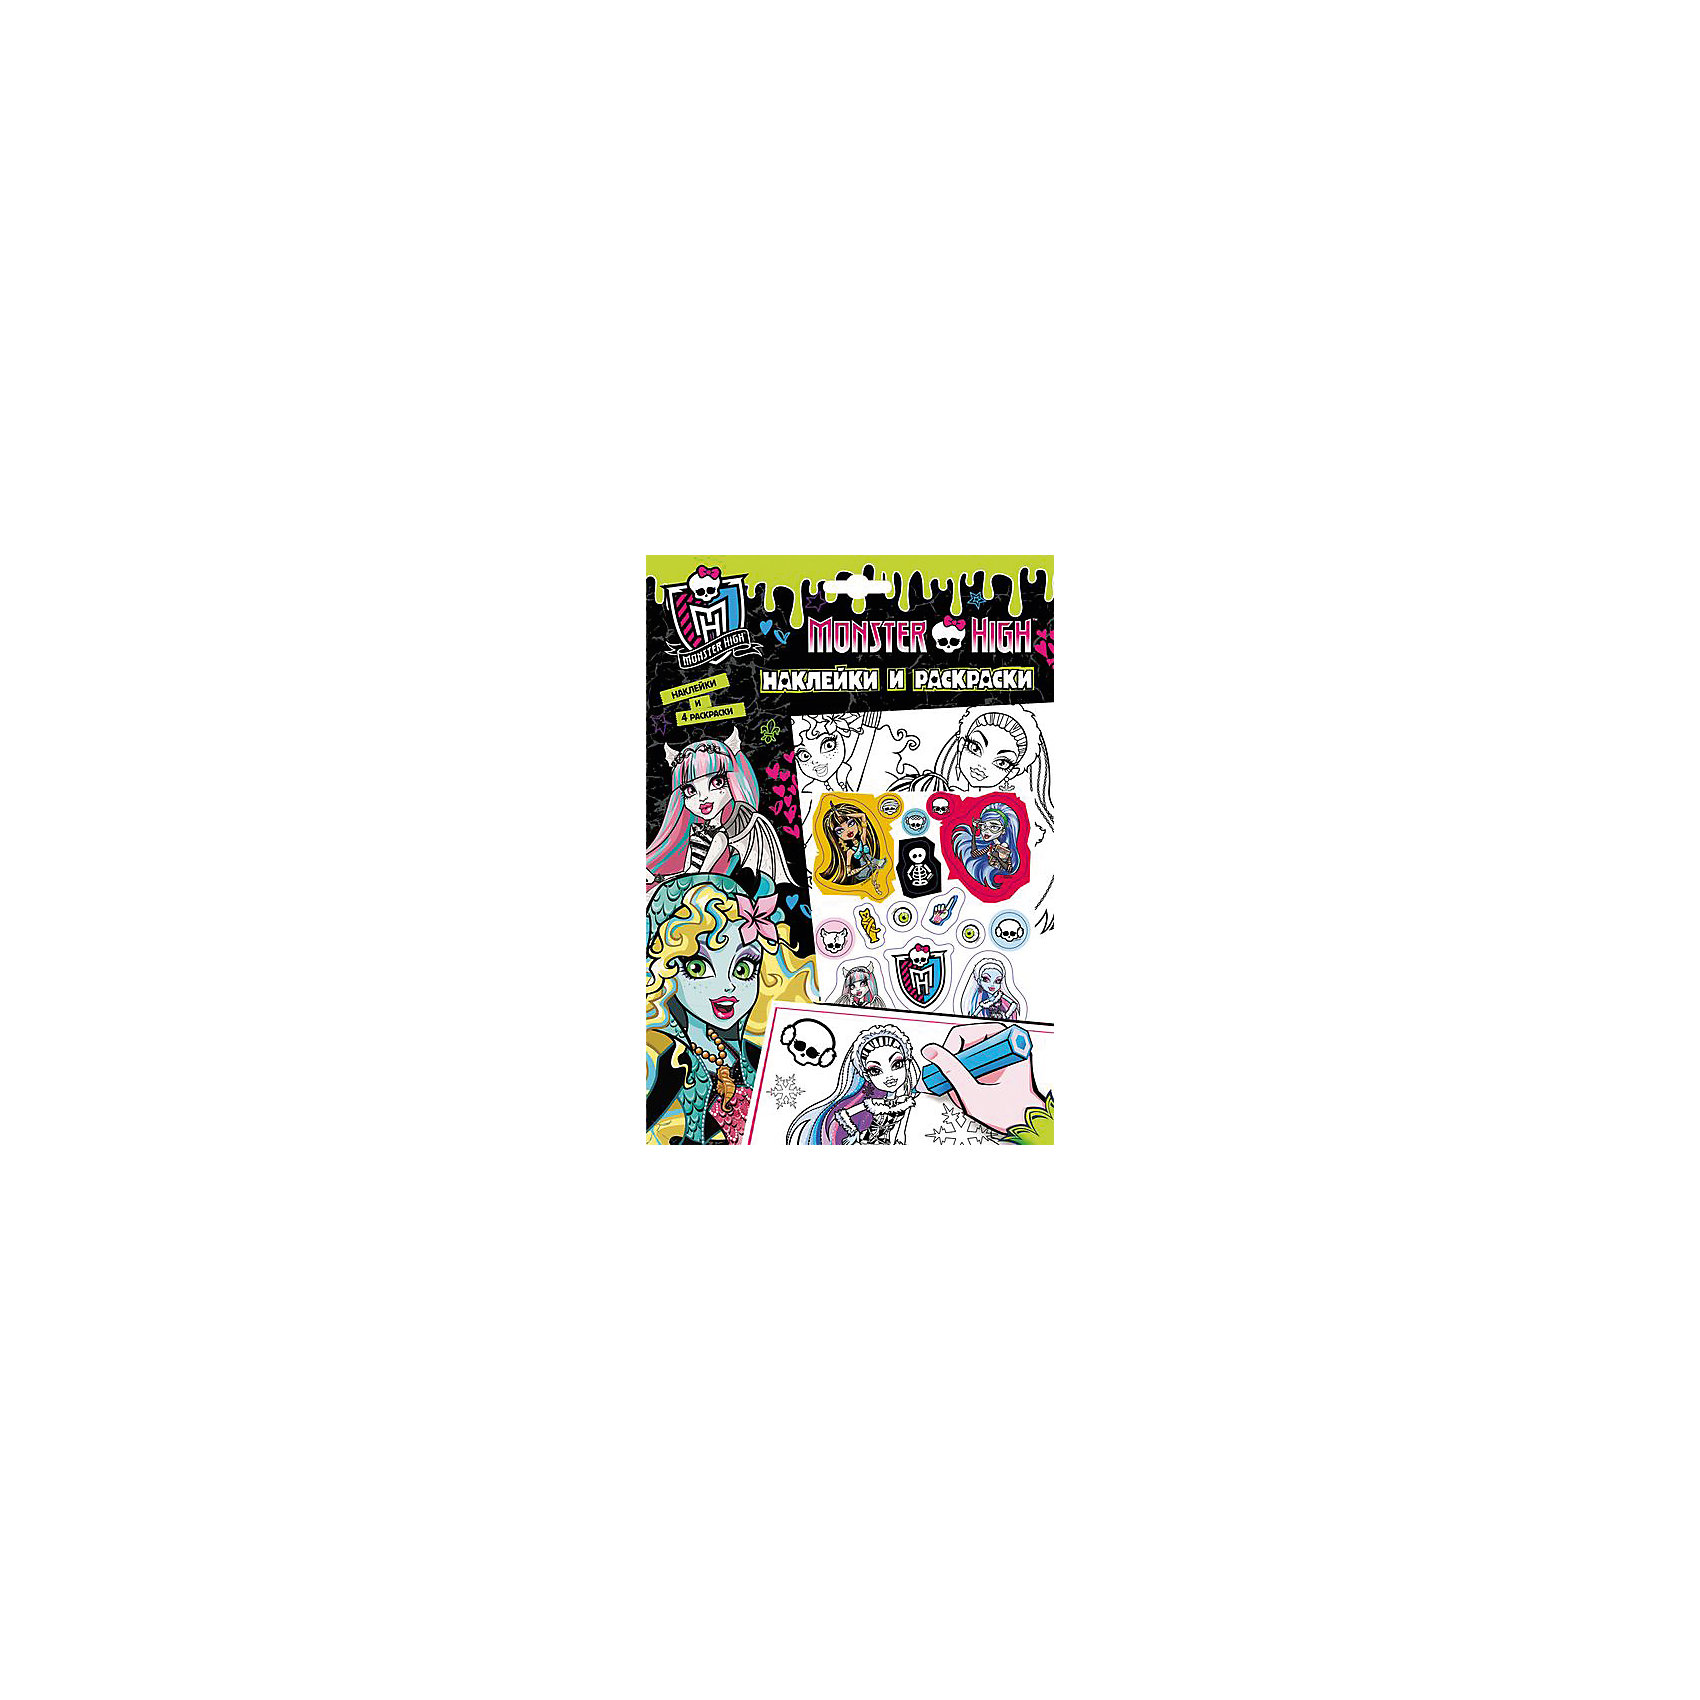 Наклейки и раскраски (зеленая), Monster HighРисование<br>Характеристики товара:<br><br>- цвет: зеленый;<br>- материал: бумага;<br>- количество страниц: 5;<br>- формат: 26,0 x 18,0 см;<br>- возраст: 5+;<br>- обложка: мягкая.<br><br>Куклы Monster High – любимые герои всех девочек! А модные наклейки – один из желанных предметов декора у малышей. Ими можно украсить абсолютно любые поверхности и не бояться, что они испортят мебель или стены. Любимые герои будут окружать ребенка и поднимать ему настроение. Кроме этого, в наборе есть множество картинок, которые можно раскрасить в яркие цвета. Все материалы, использованные при производстве издания, соответствуют всем стандартам качества и безопасности. <br><br>Издание Наклейки и раскраски (зеленая), Monster High от компании Росмэн можно приобрести в нашем интернет-магазине.<br><br>Ширина мм: 260<br>Глубина мм: 180<br>Высота мм: 2<br>Вес г: 44<br>Возраст от месяцев: 60<br>Возраст до месяцев: 84<br>Пол: Женский<br>Возраст: Детский<br>SKU: 5109859